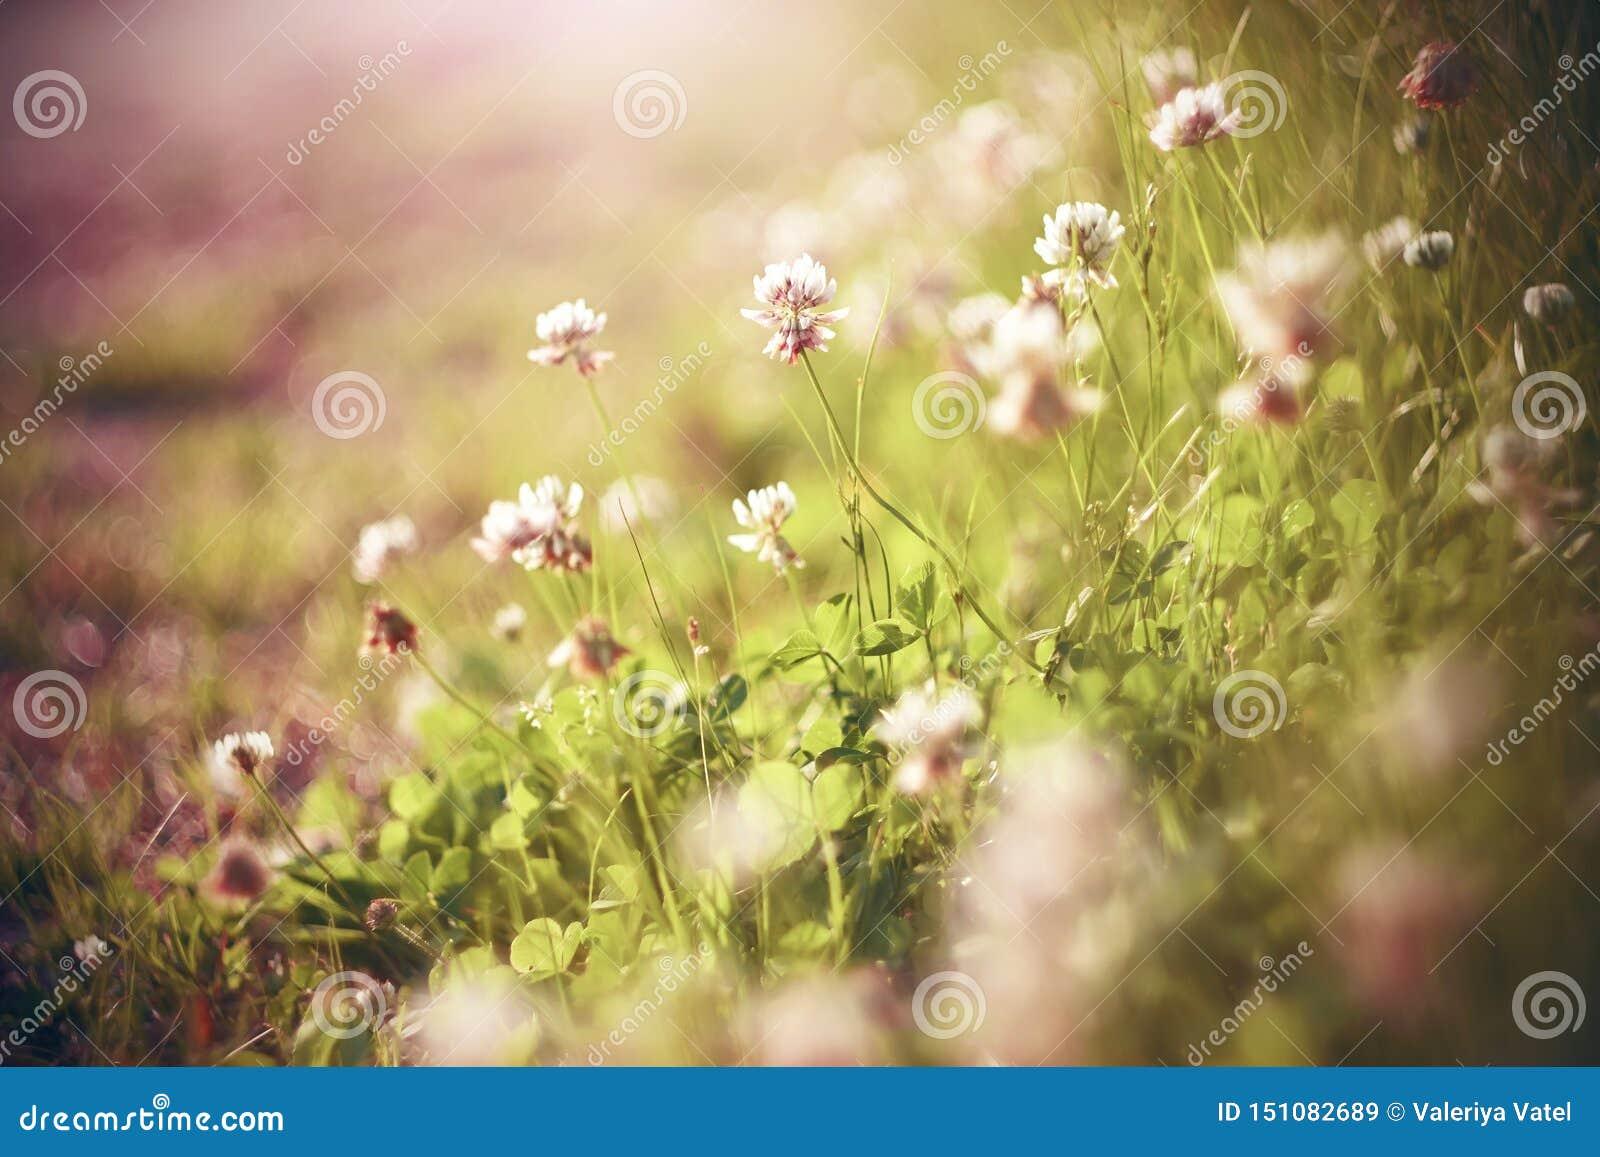 Vita och rosa växt av släktet Trifoliumblommor blommar i den solbelysta ängen